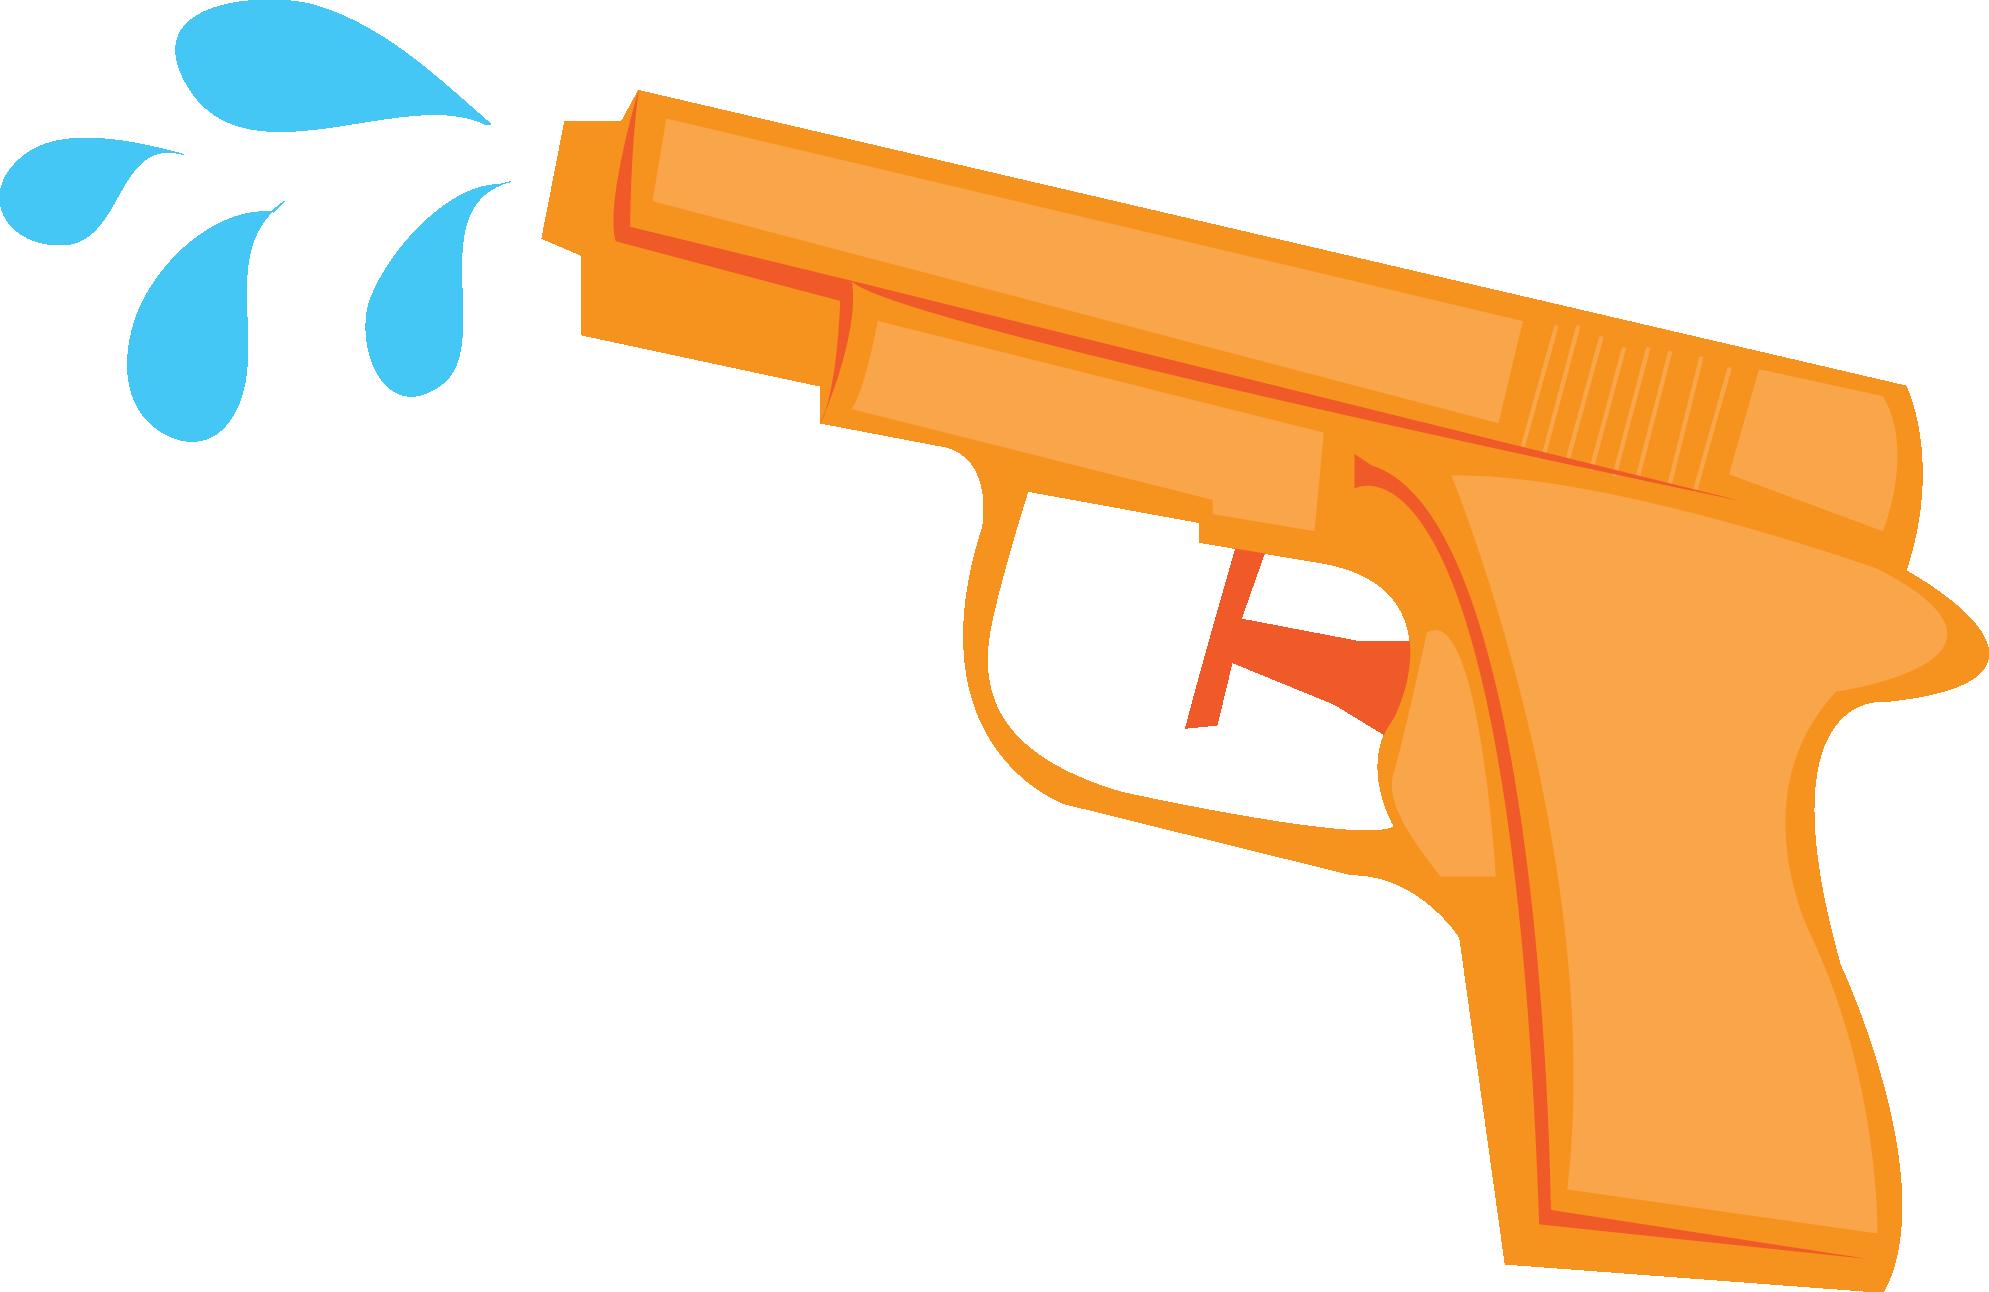 Jwi Watertoys Watergun Orange Png Beach Printables Water Toys Guns Illustration